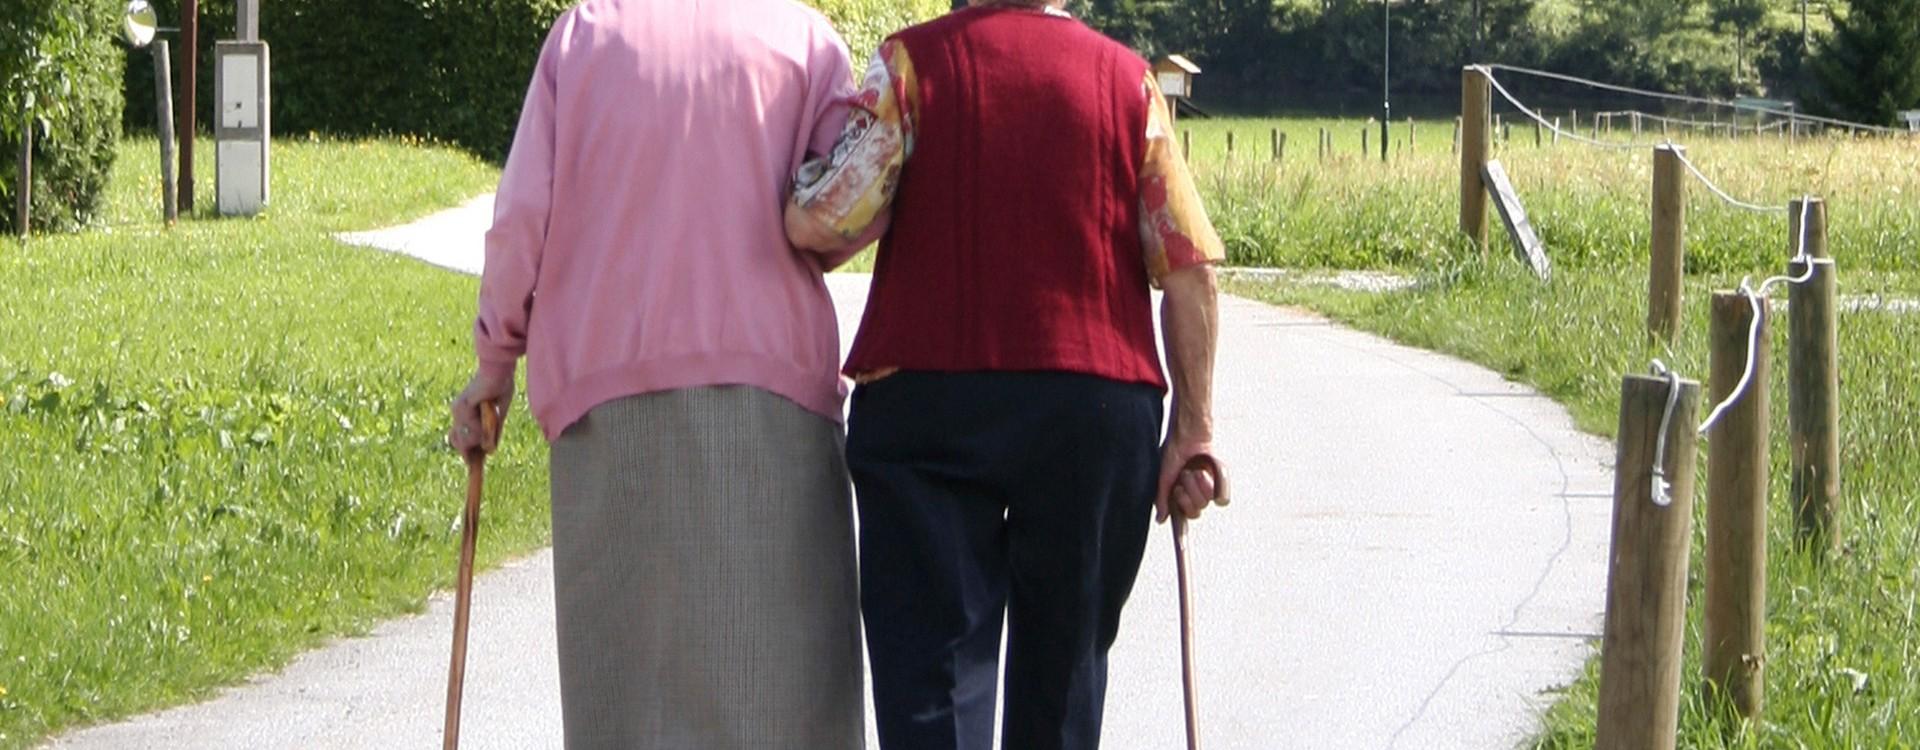 Zwei alte Frauen unterwegs im Park